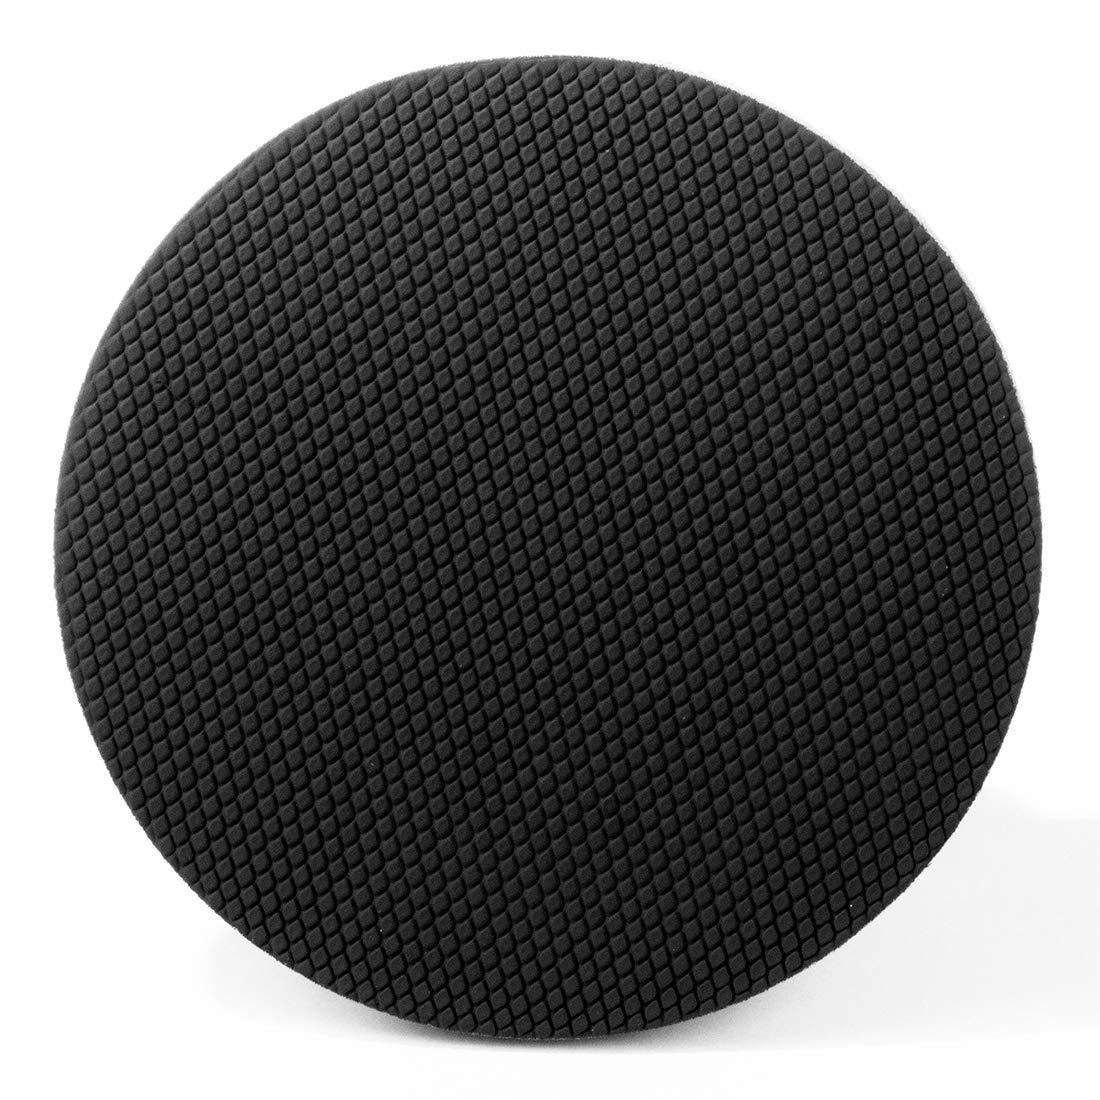 Nanoskin (AS-003) AutoScrub 6'' Medium Grade Foam Pad for DA Polisher by Nanoskin